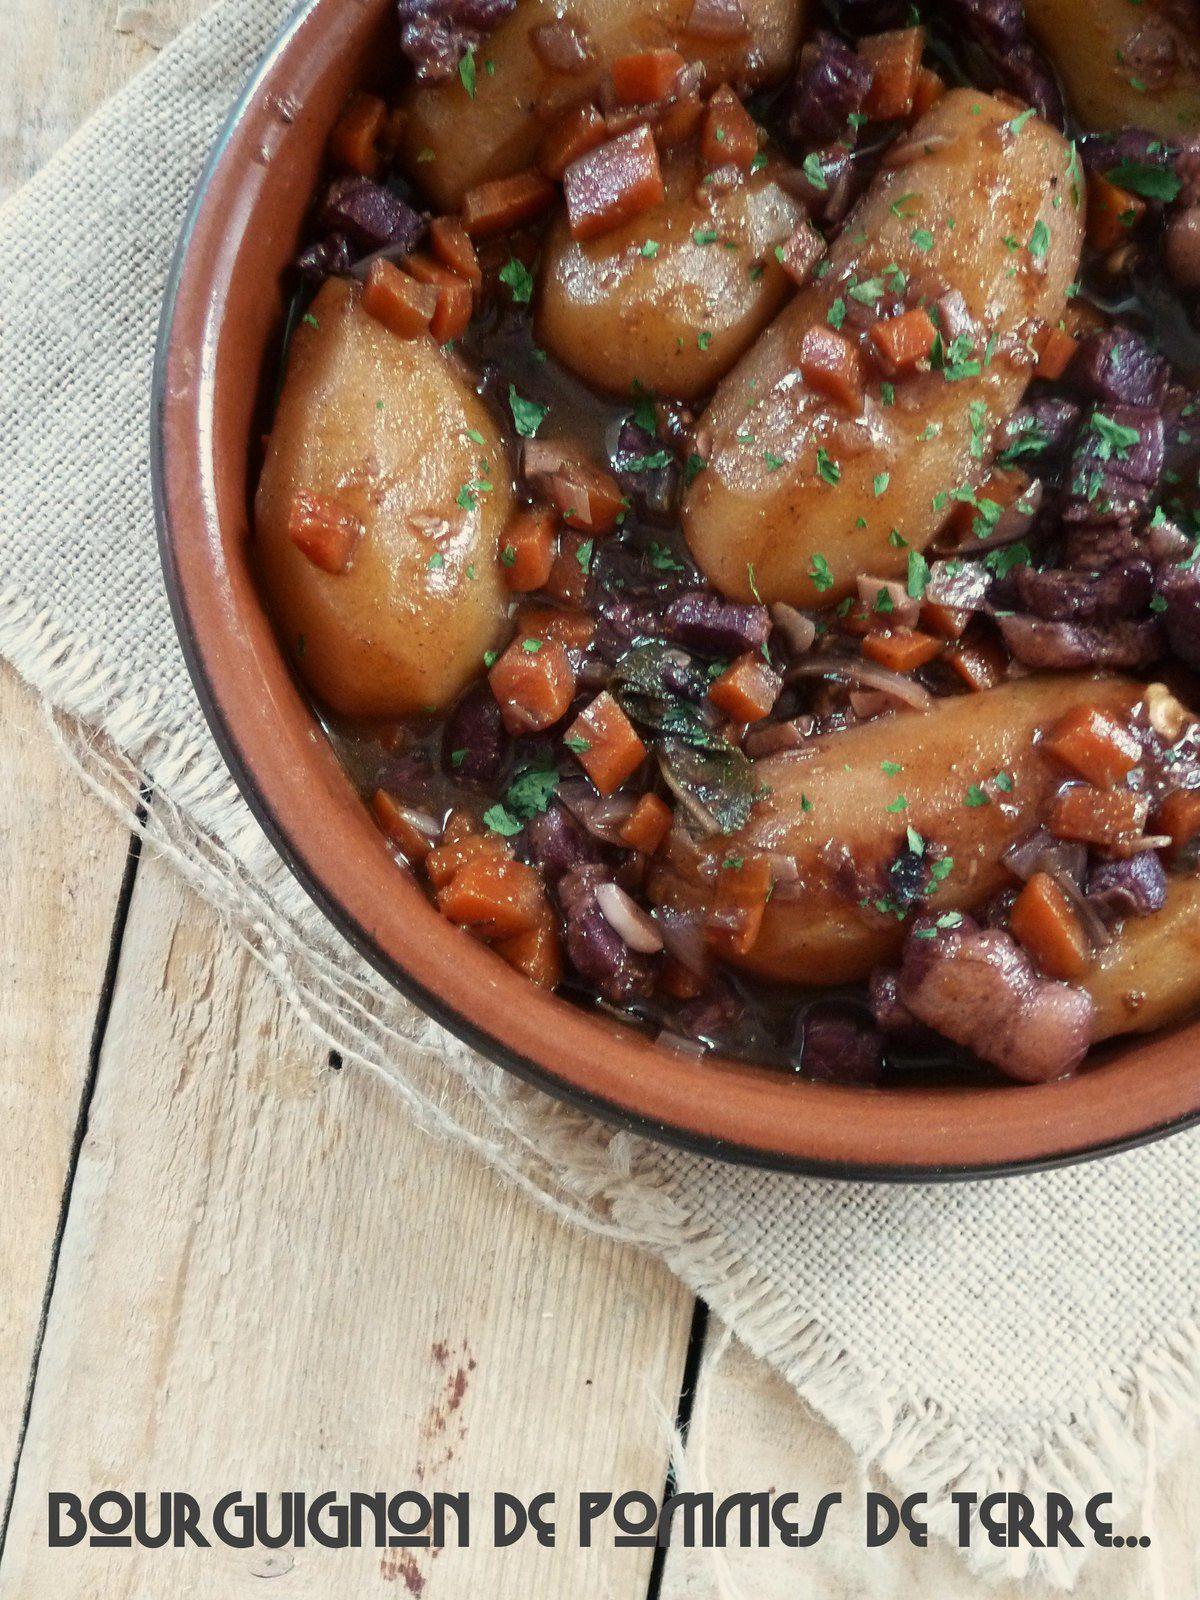 Bourguignon de pommes de terre